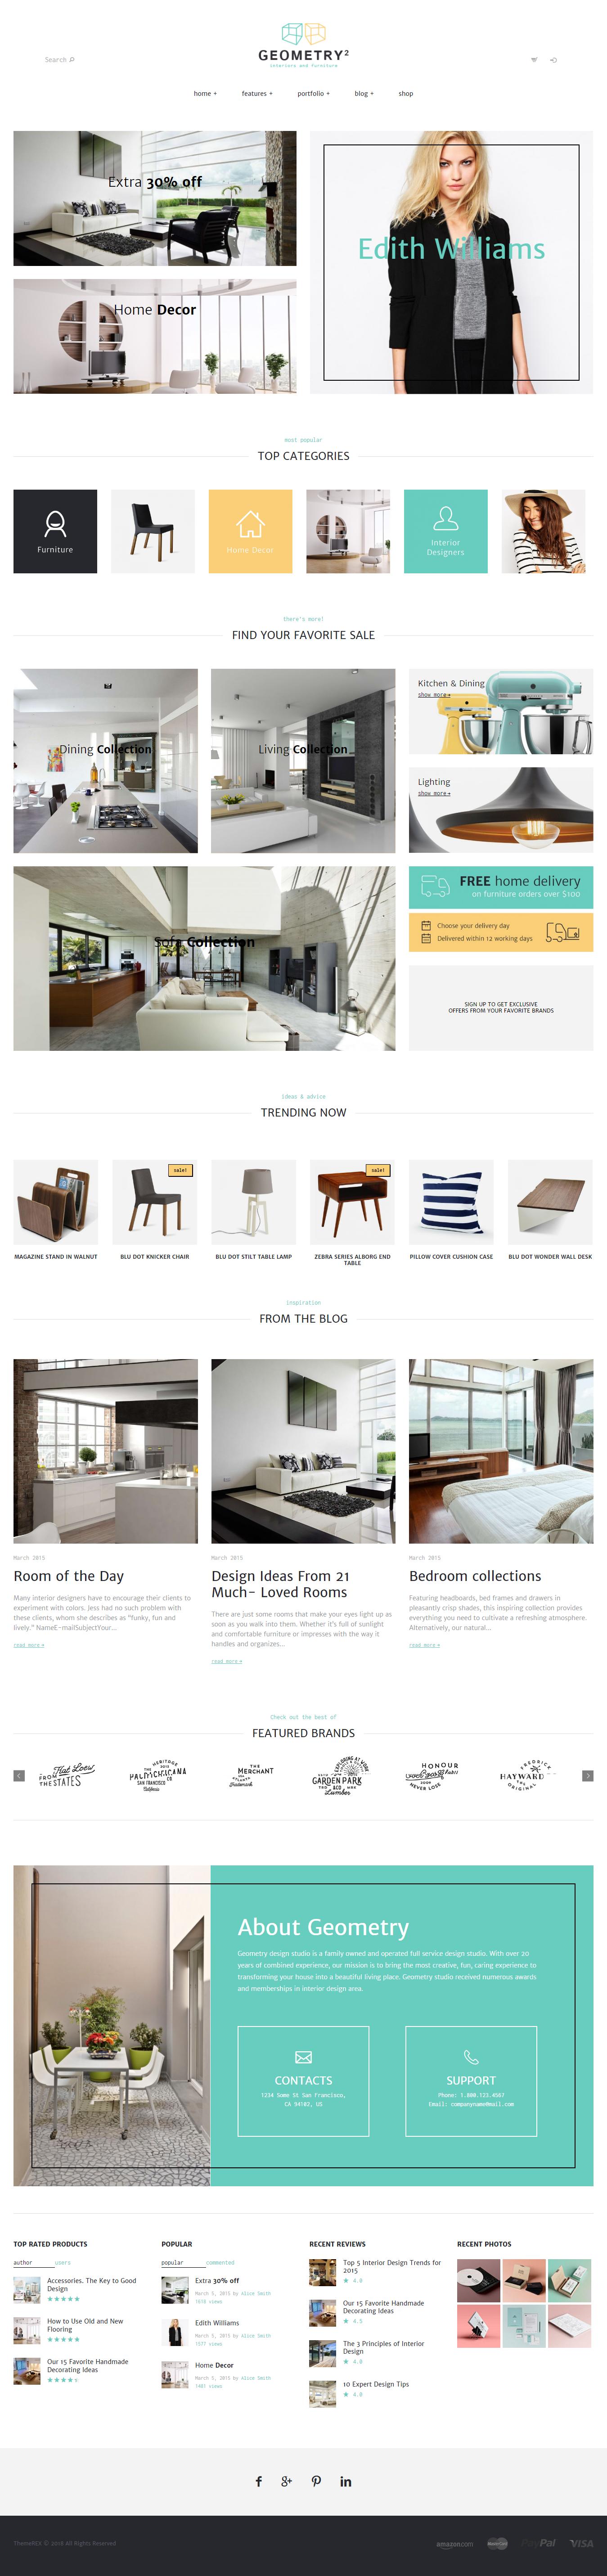 Geometry Best Premium Interior Design WordPress Theme - 10+ Best Premium Interior Design WordPress Themes